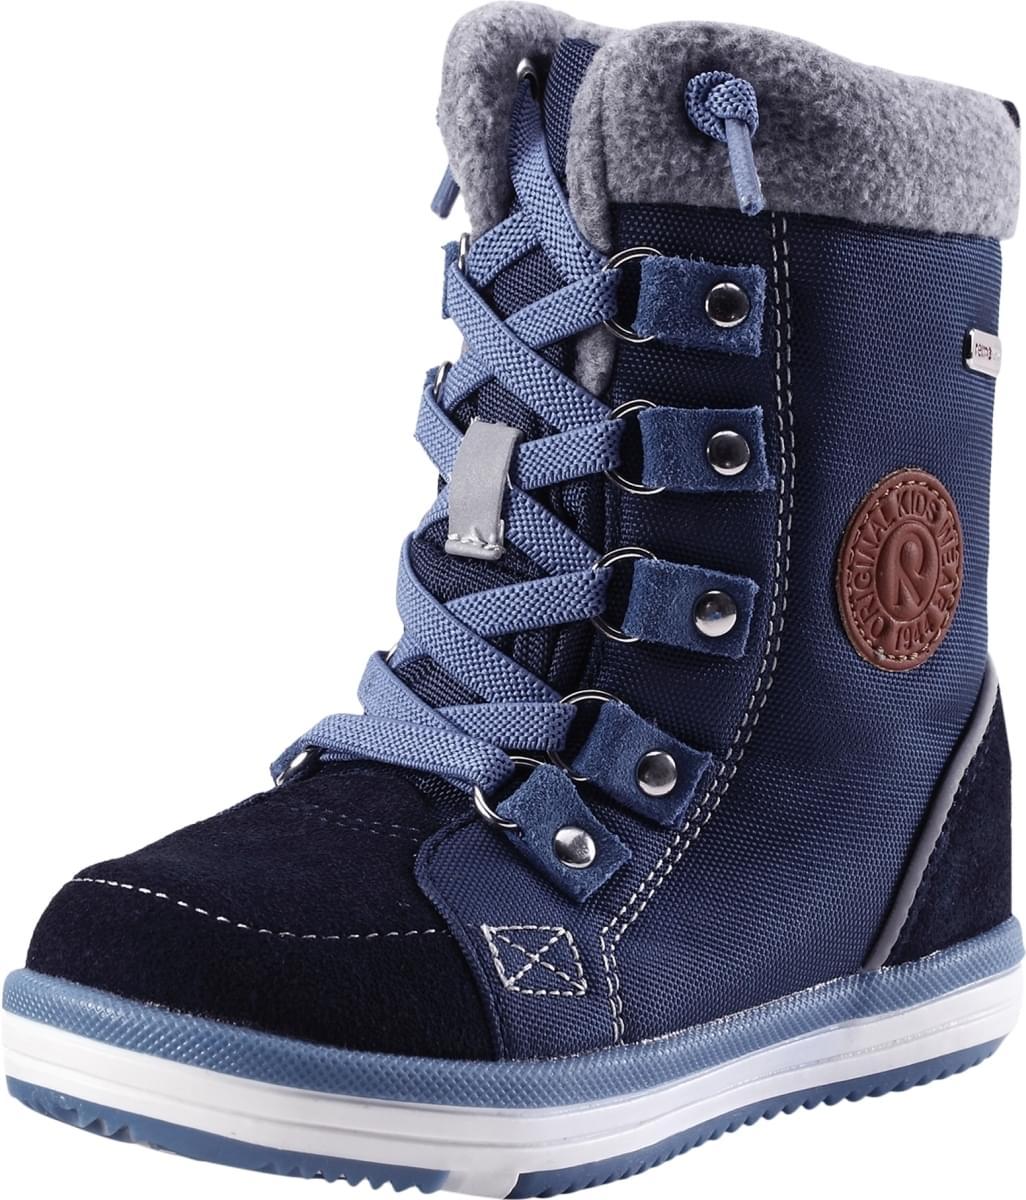 75300760f36 Dětské zimní boty Reima Freddo Toddler - Navy - Skibi Kids